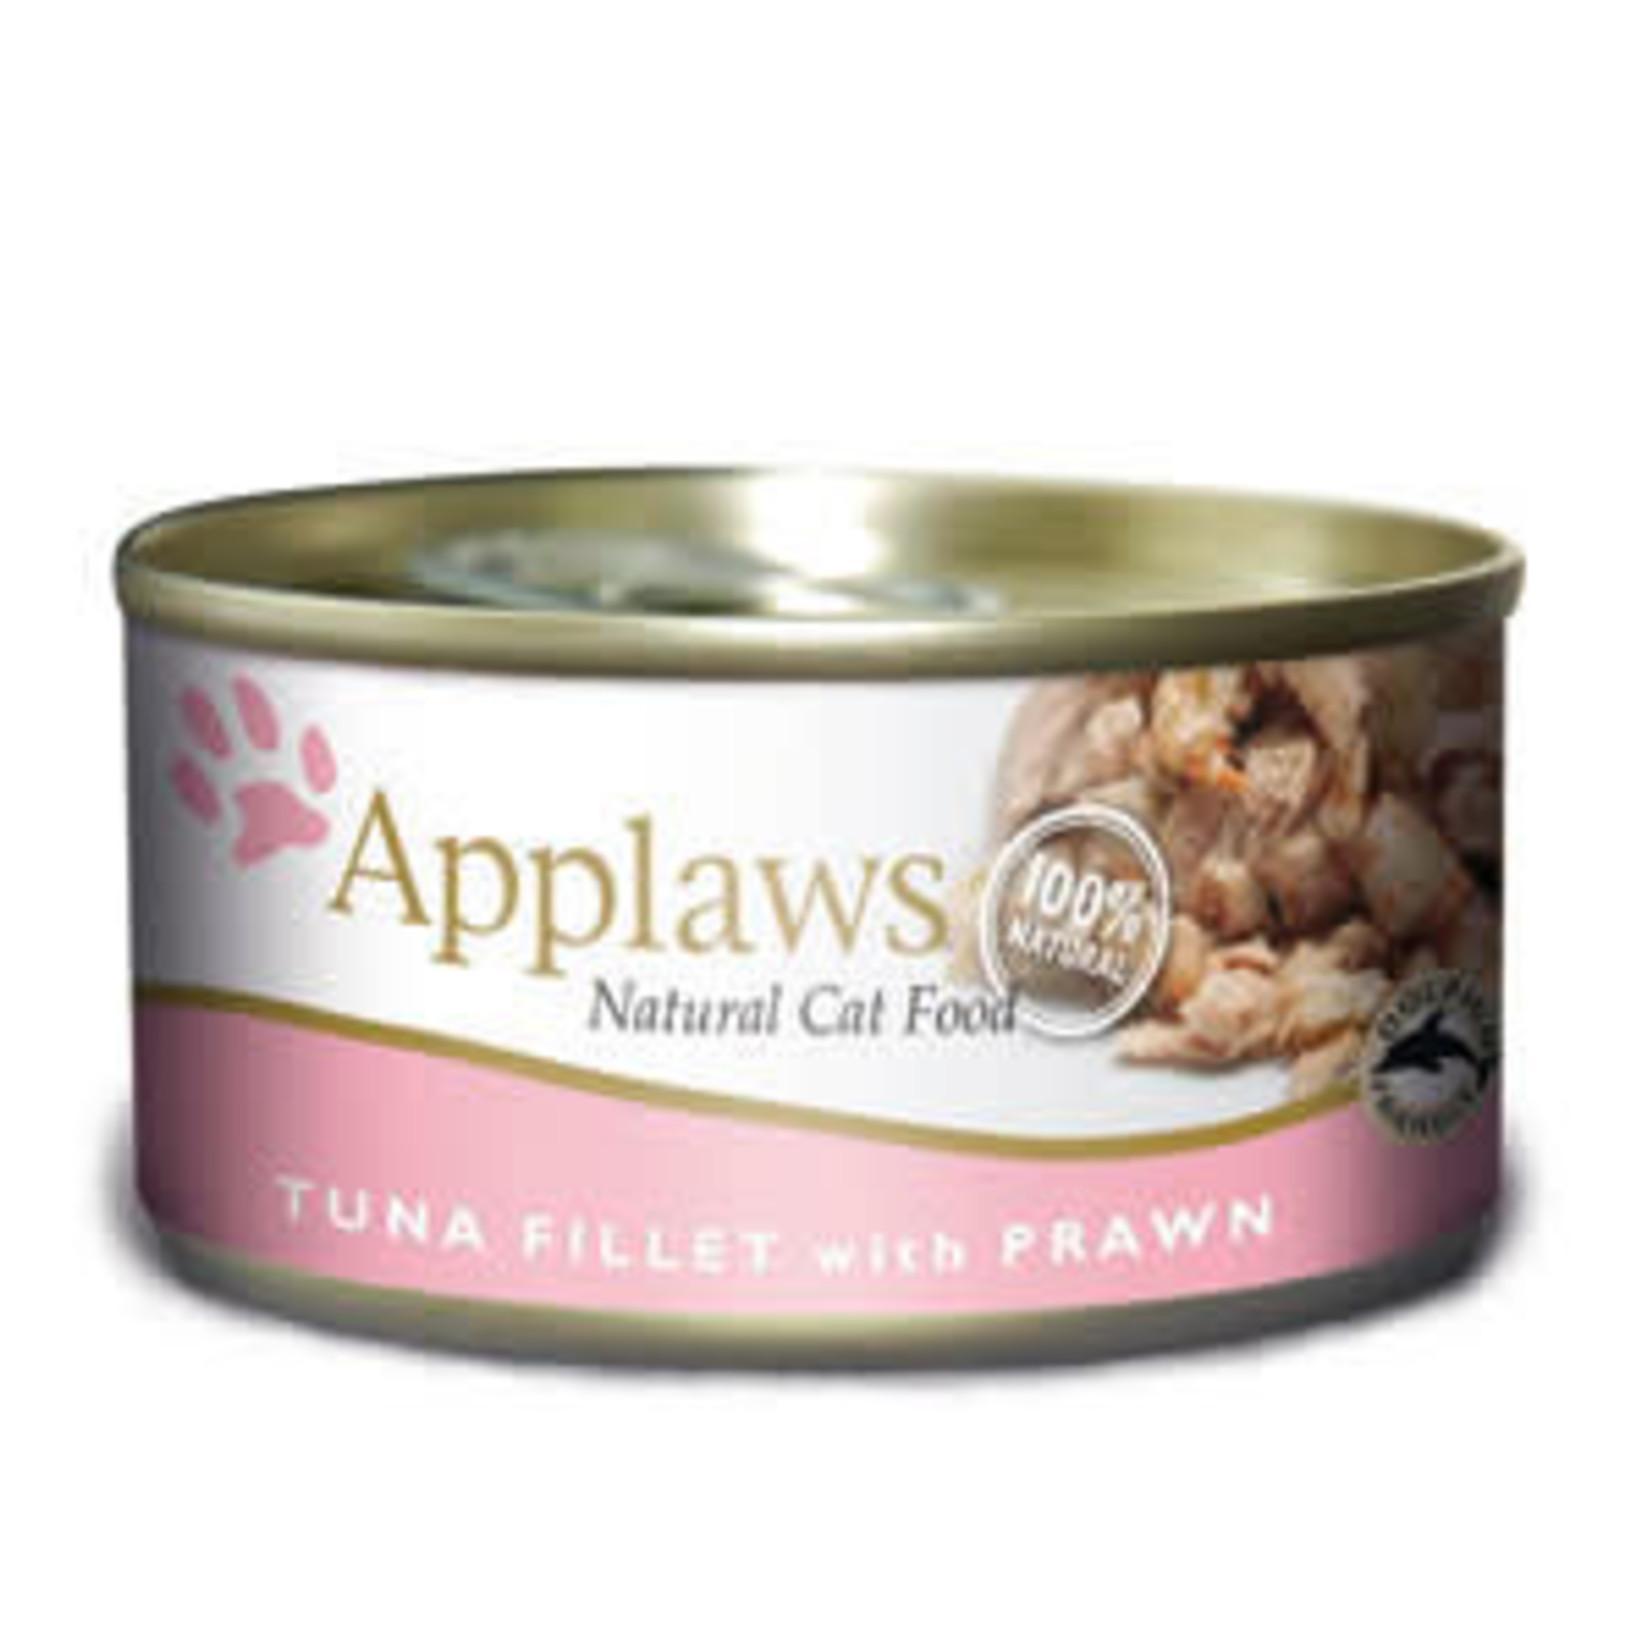 Applaws Cat Wet Food Tuna Fillet & Prawn, 70g